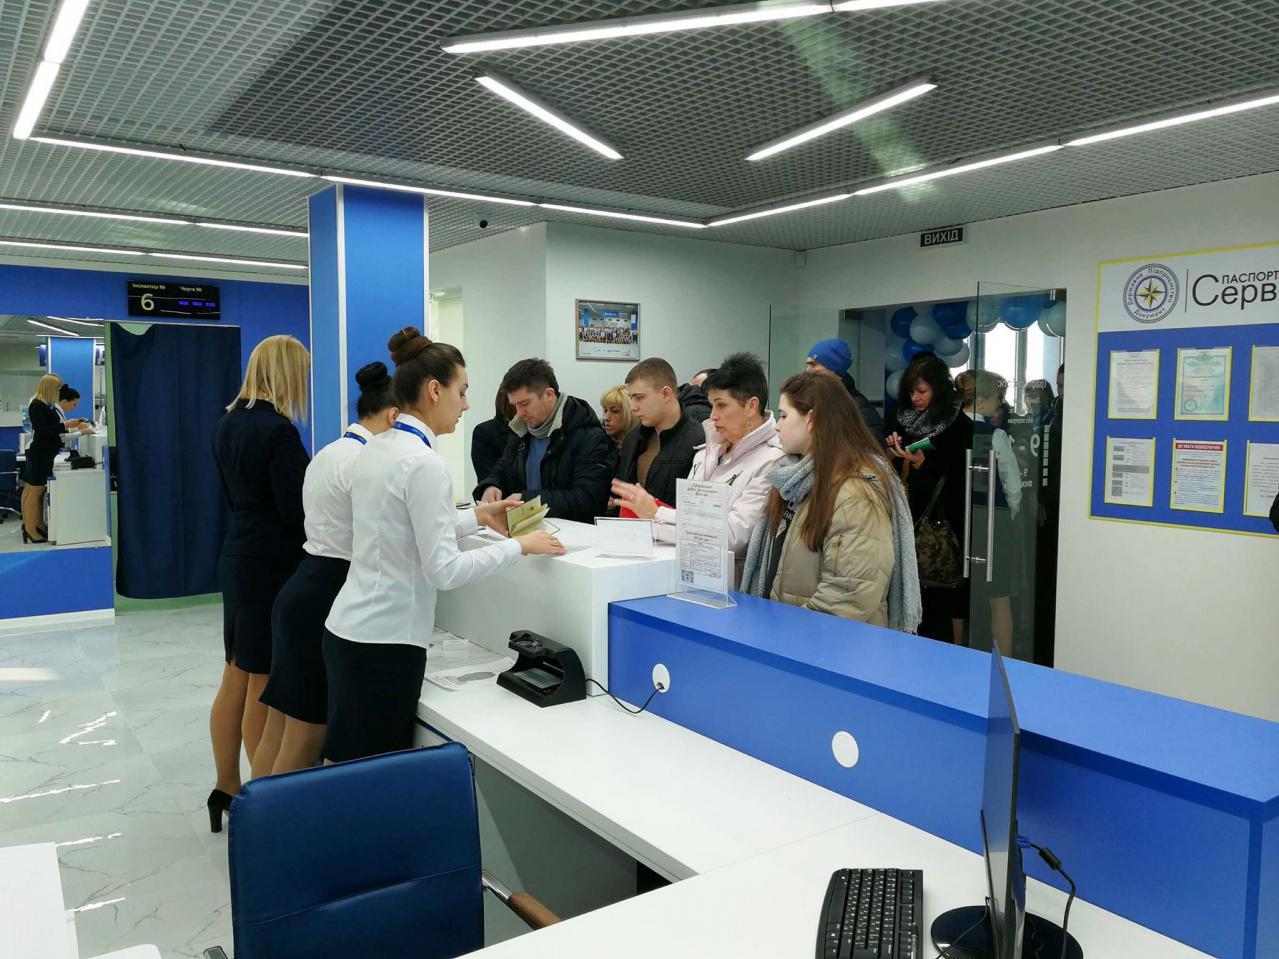 Новий «Паспортний сервіс» сьогодні відкрили у Вінниці в «Скайпарку»